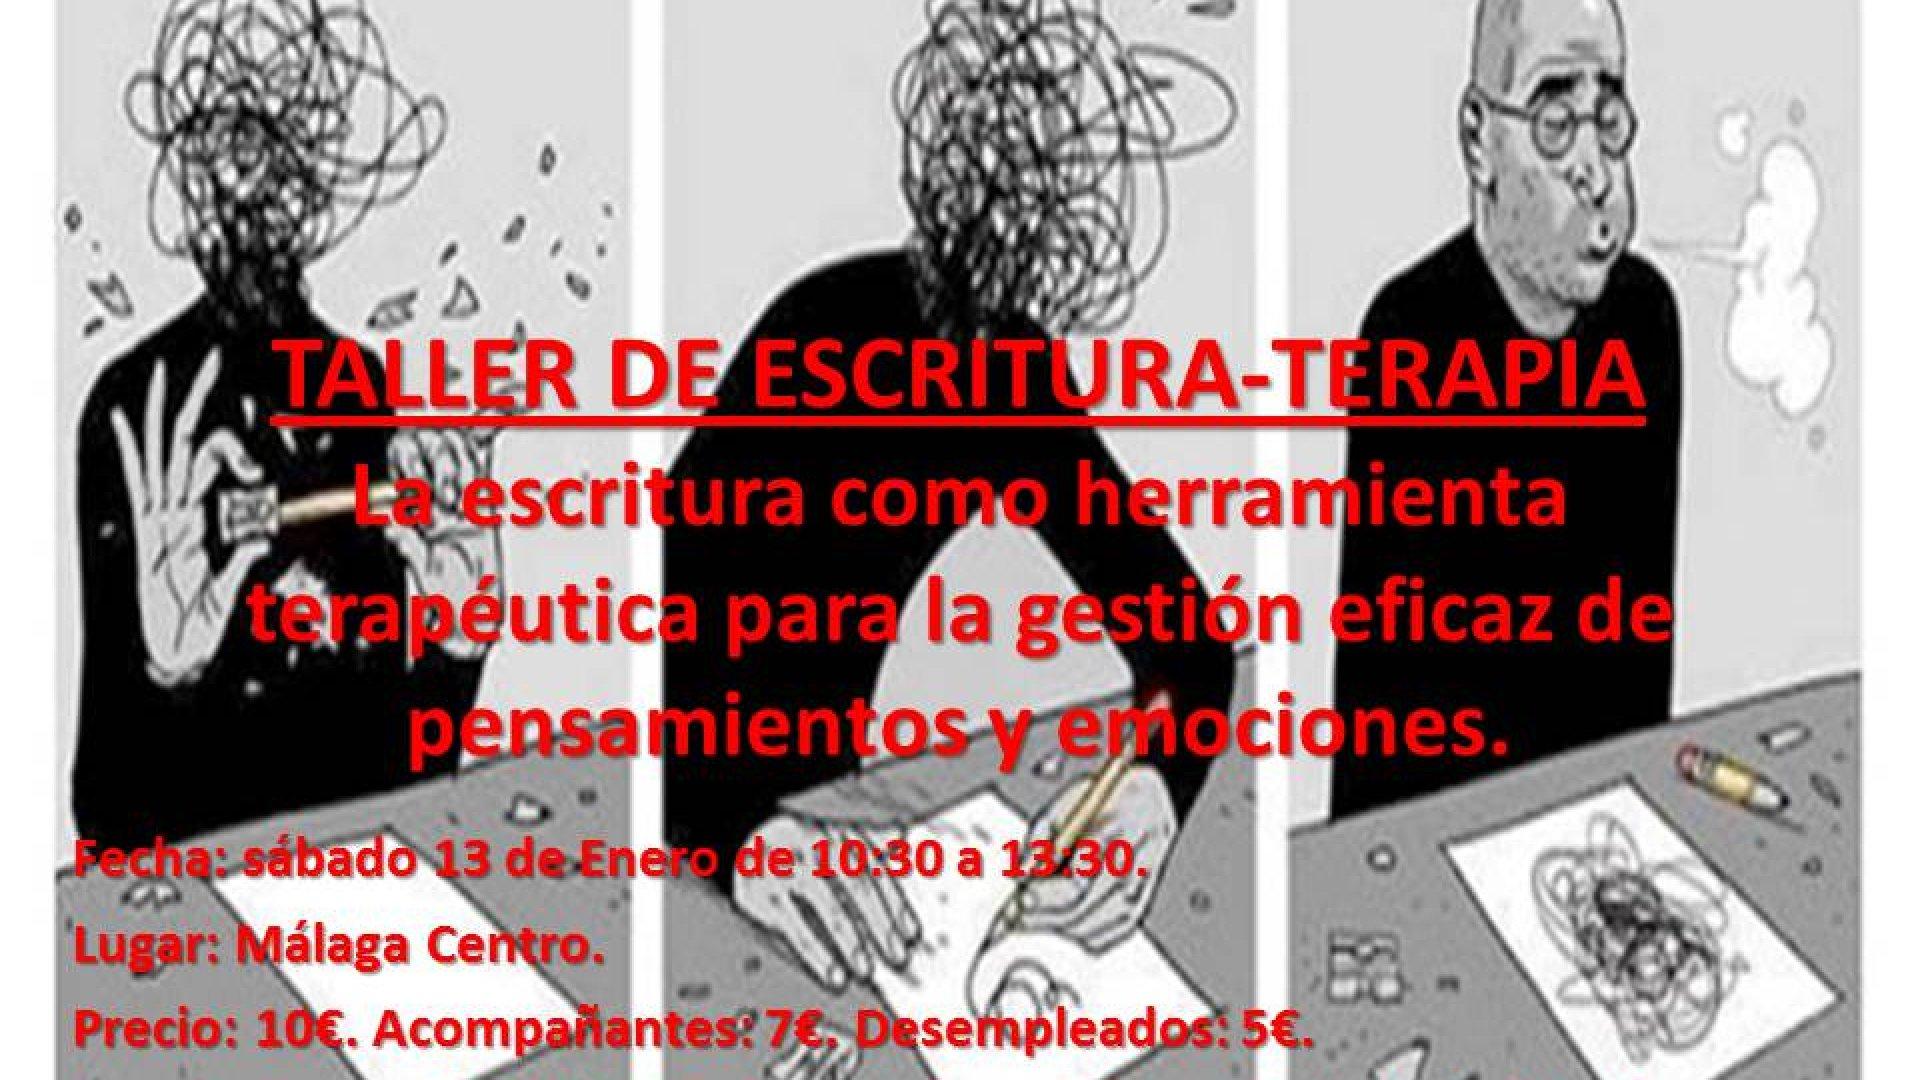 TALLER DE ESCRITURA-TERAPIA